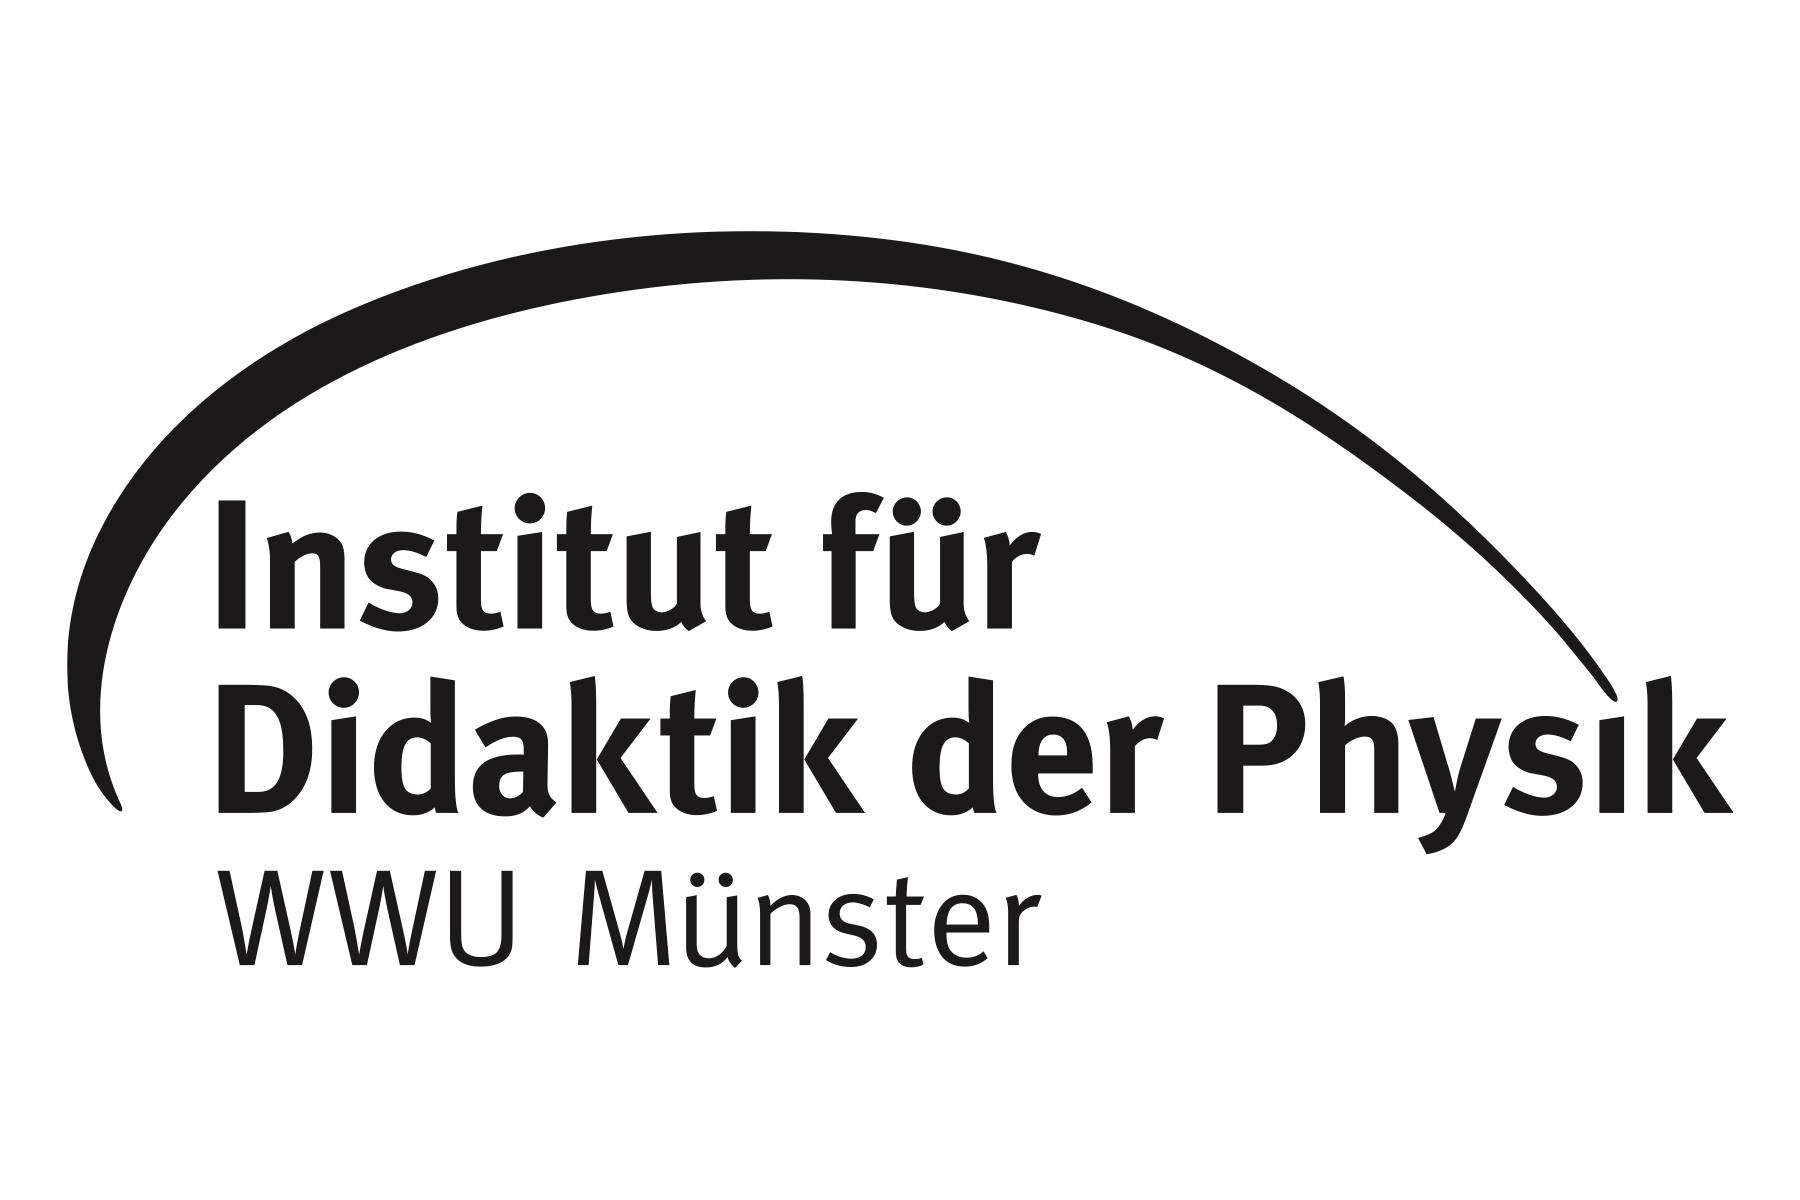 Institut für Didaktik der Physik, Universität Münster